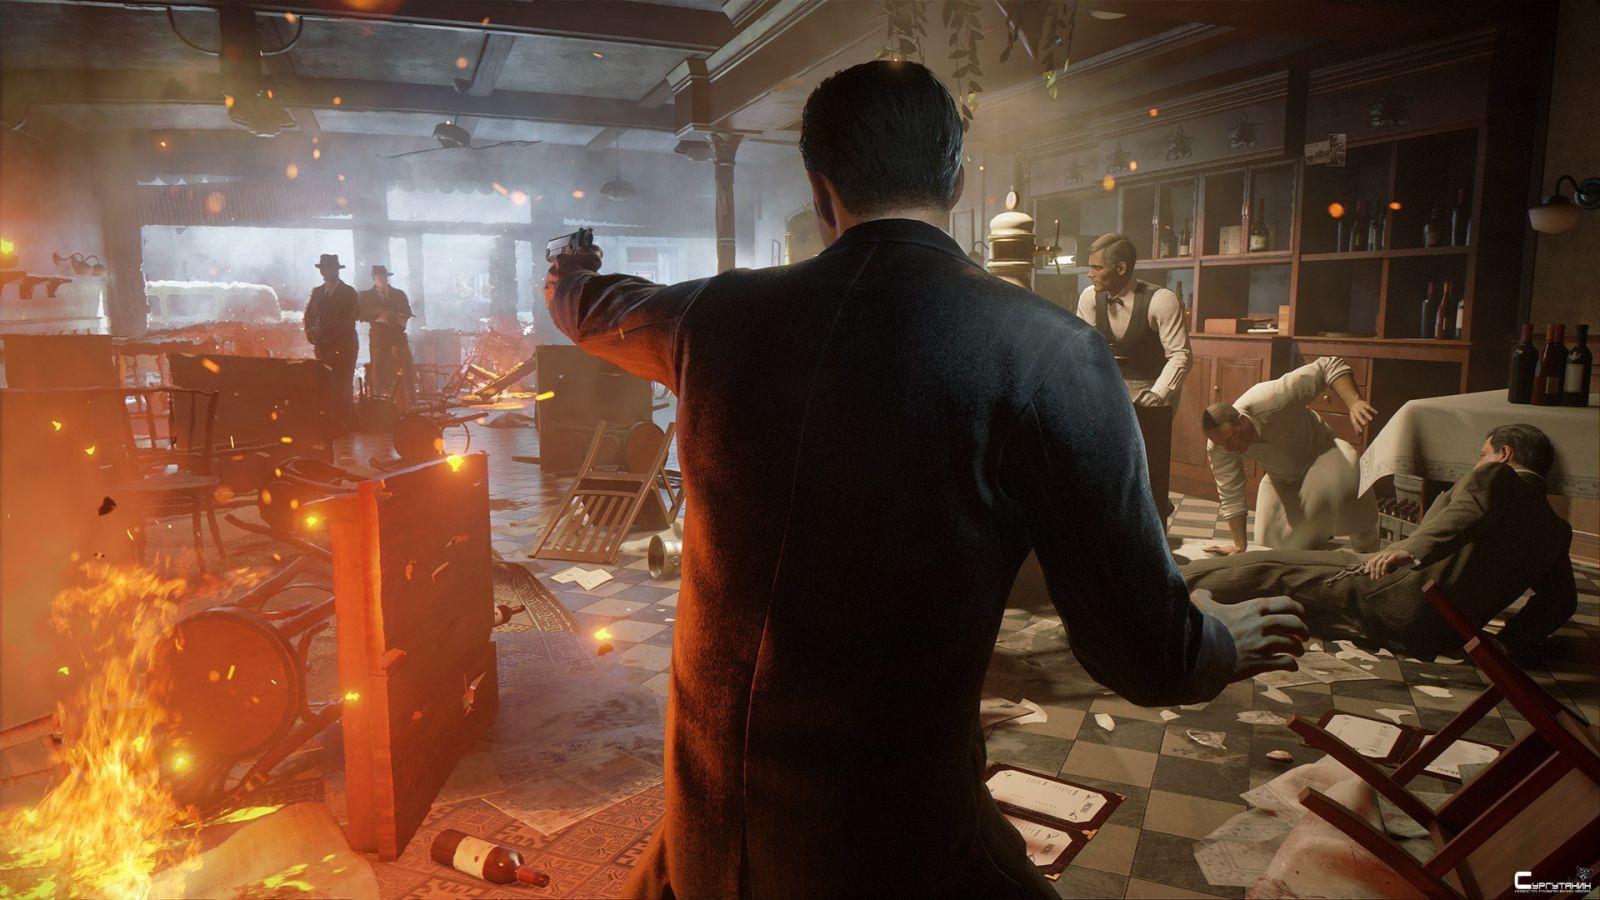 Ремейк игры Mafia выйдет в конце августа 2020 года (1589435276 35)